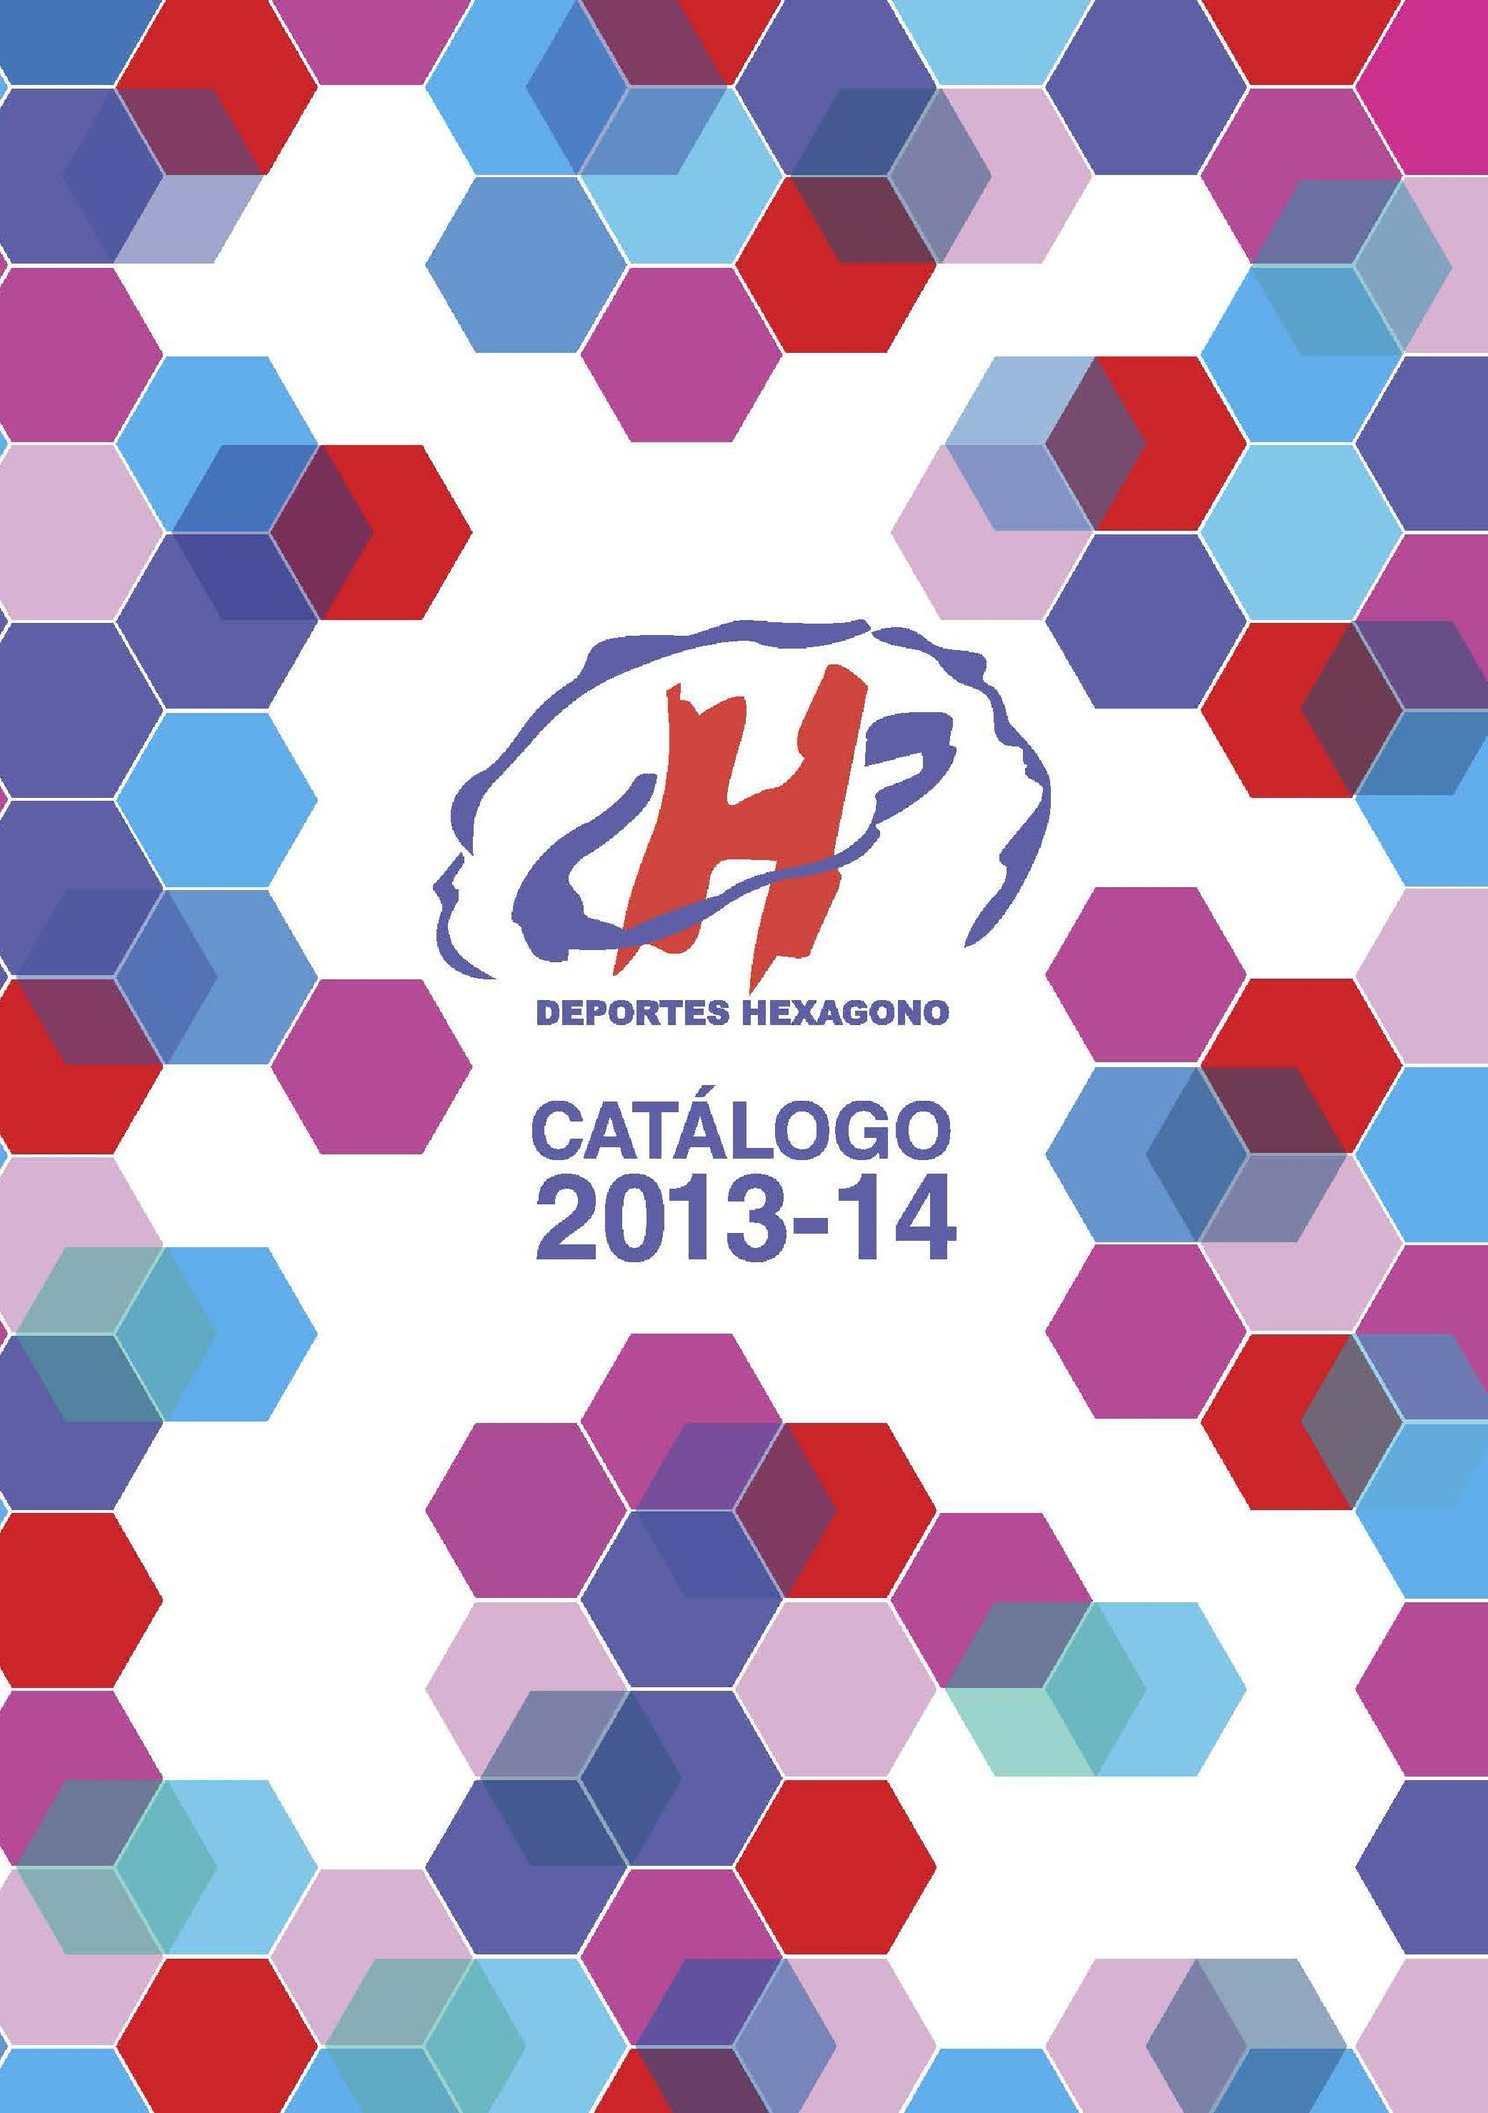 Calaméo - CATALOGO DEPORTES HEXAGONO 2014 84d5b67eae96